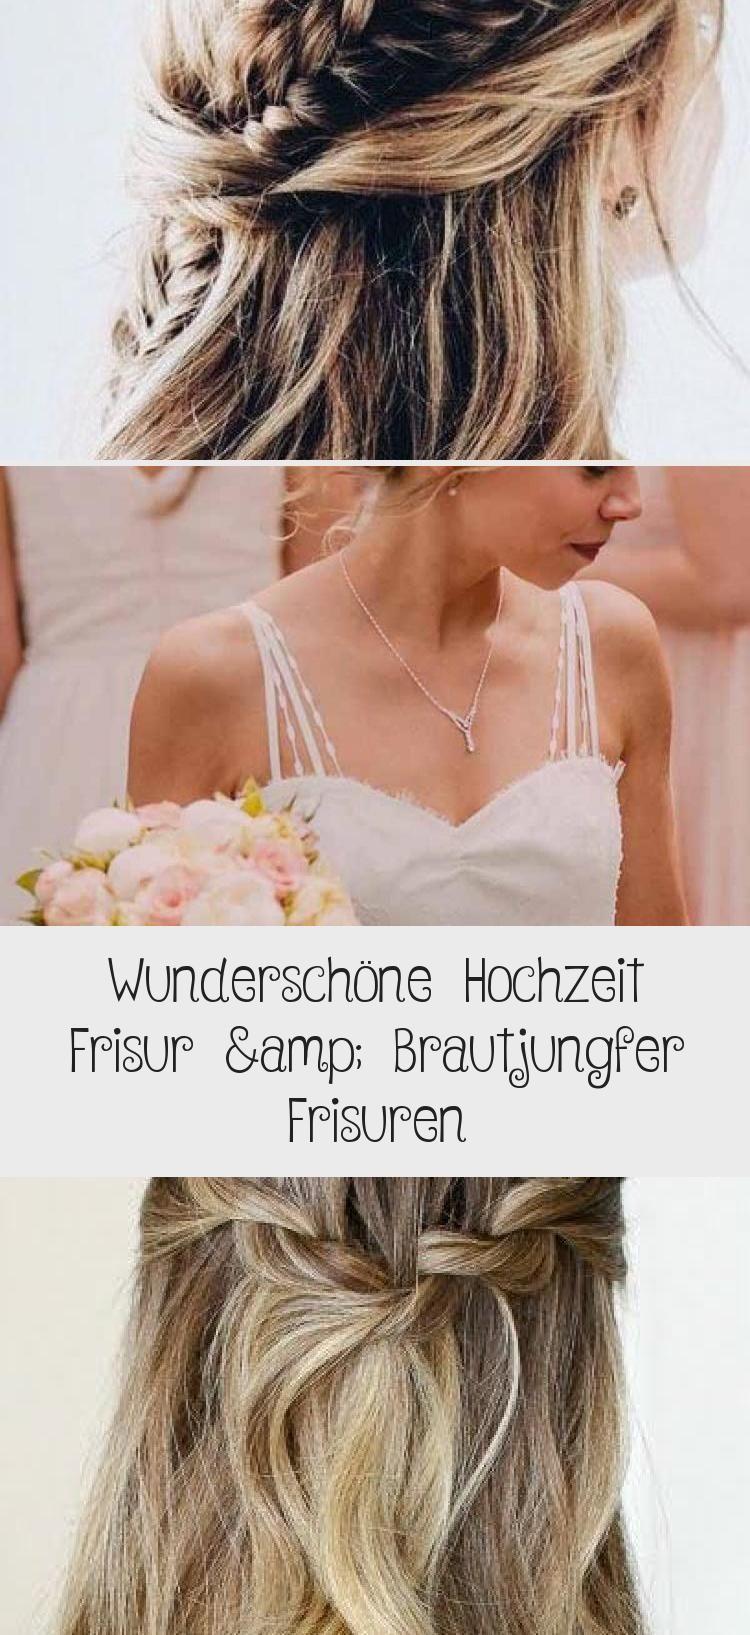 Wunderschone Hochzeit Frisur Brautjungfer Frisuren With Images Hair Styles Beauty Style